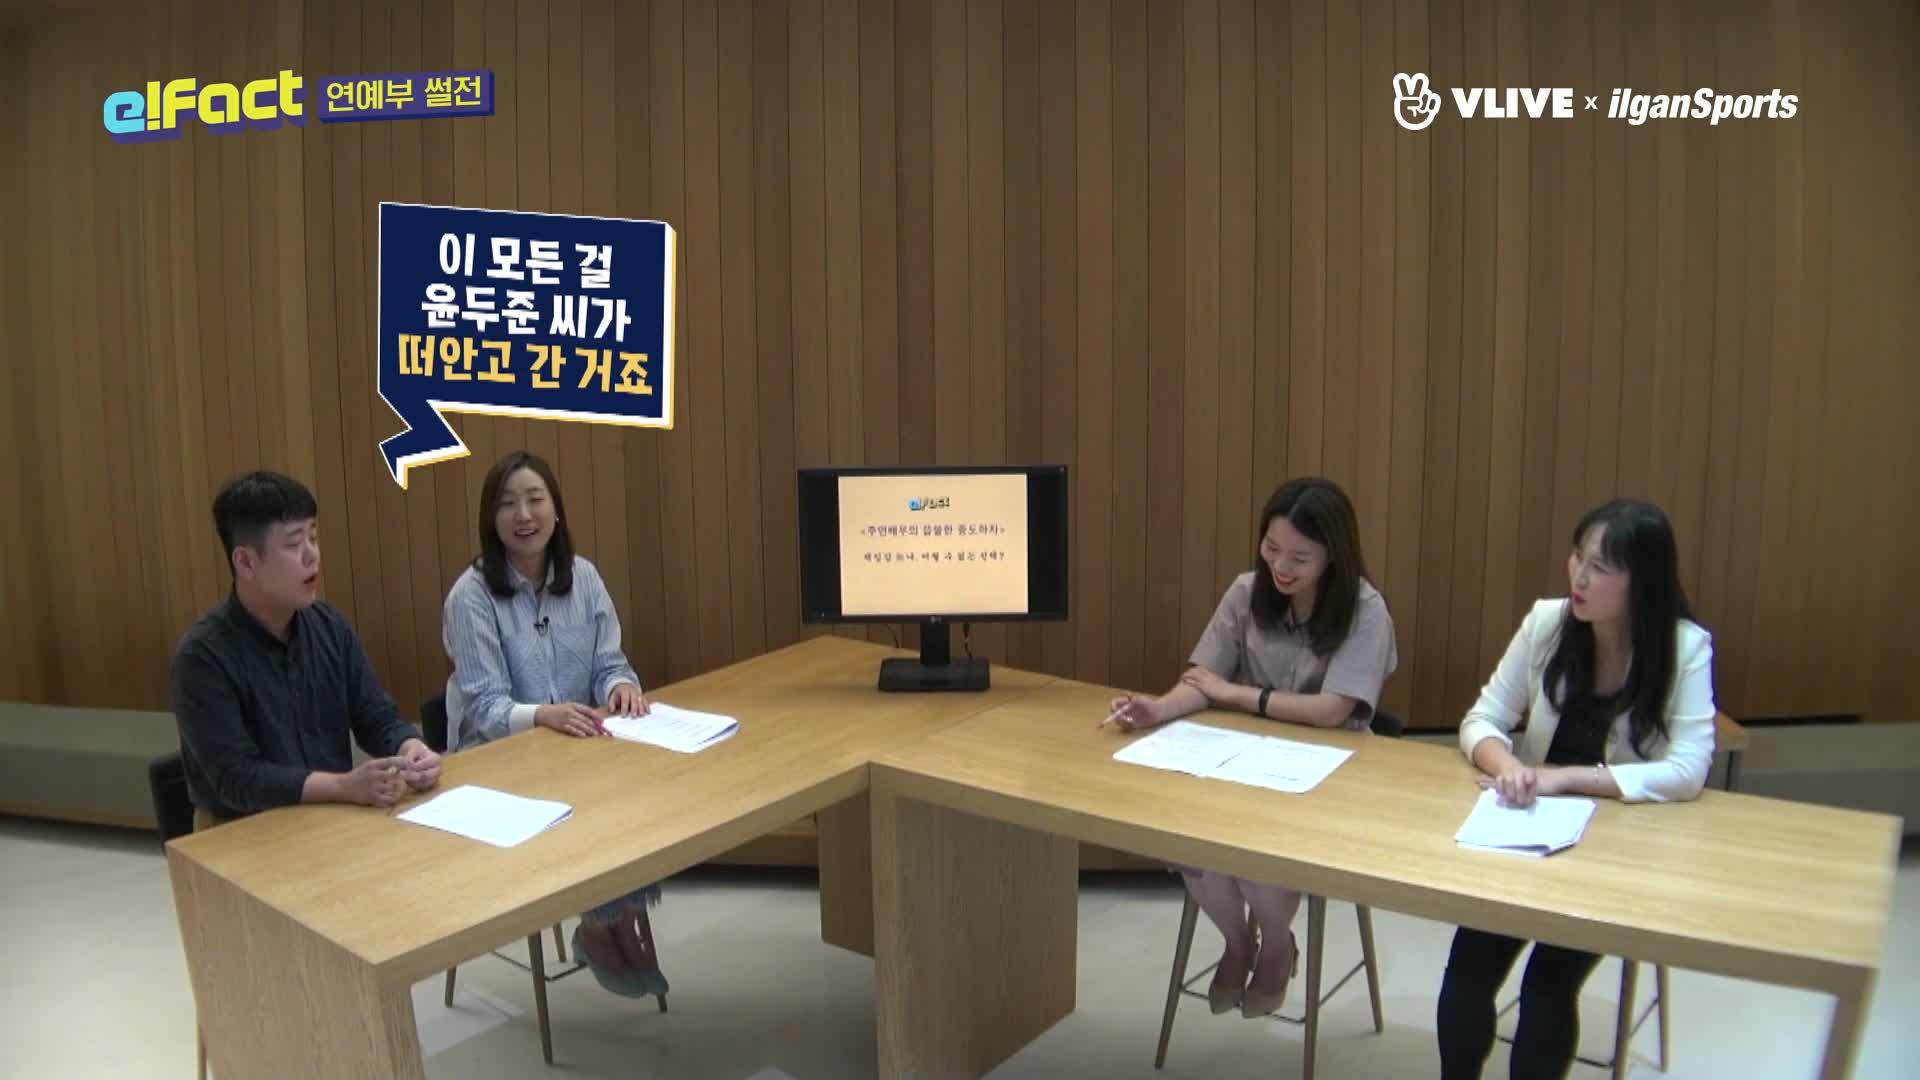 [연예부 썰전] 윤두준 군입대는 천벌? 드라마 종기종영 비하인드 썰